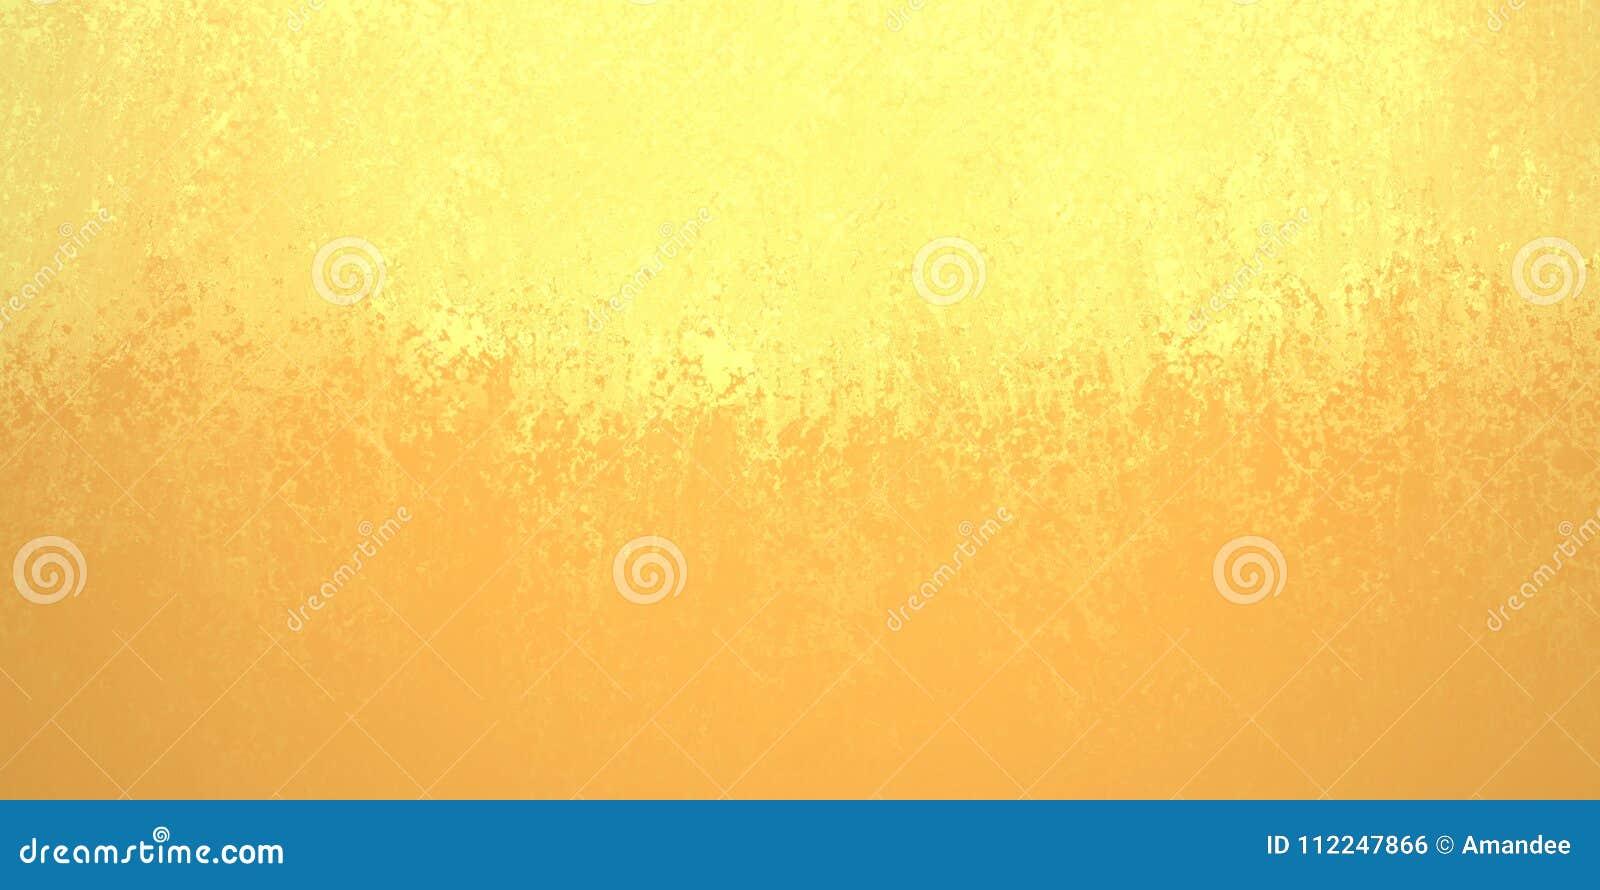 Het abstracte gele gouden ontwerp als achtergrond, grens heeft donkerdere oranje kleurenranden